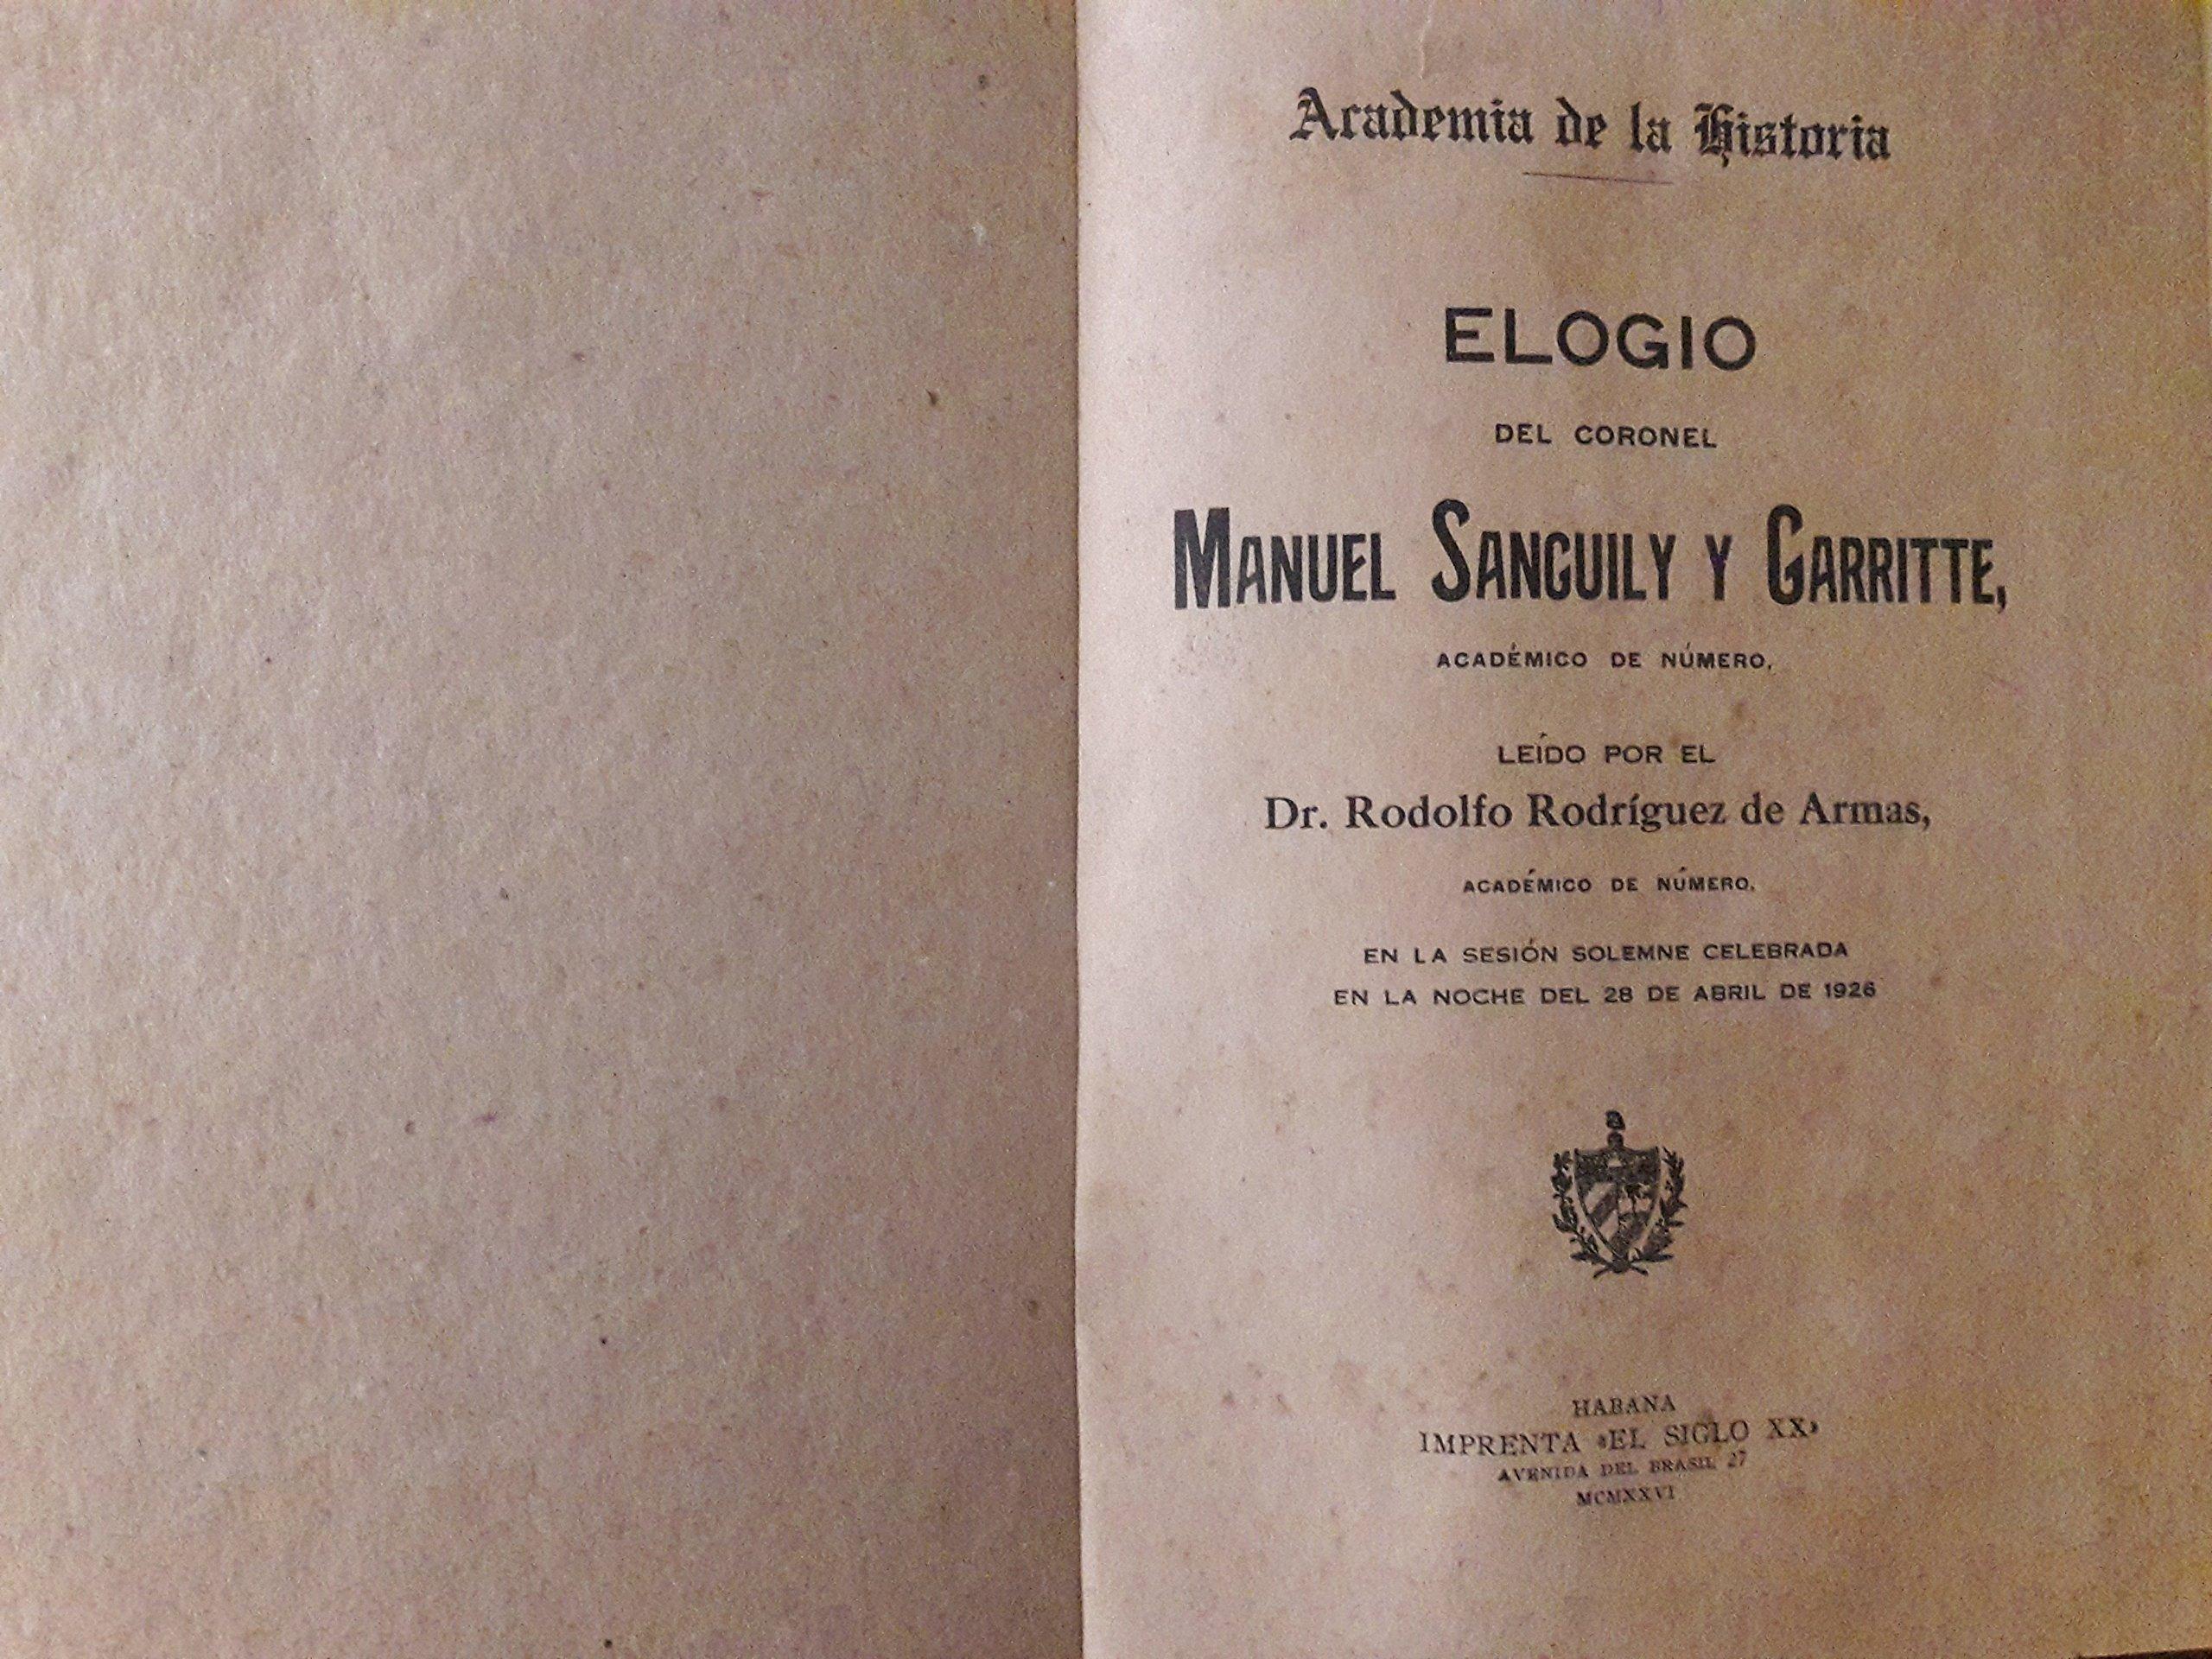 Amazon.com: Elogio del Coronel Manuel Sanguily y Garritte ...